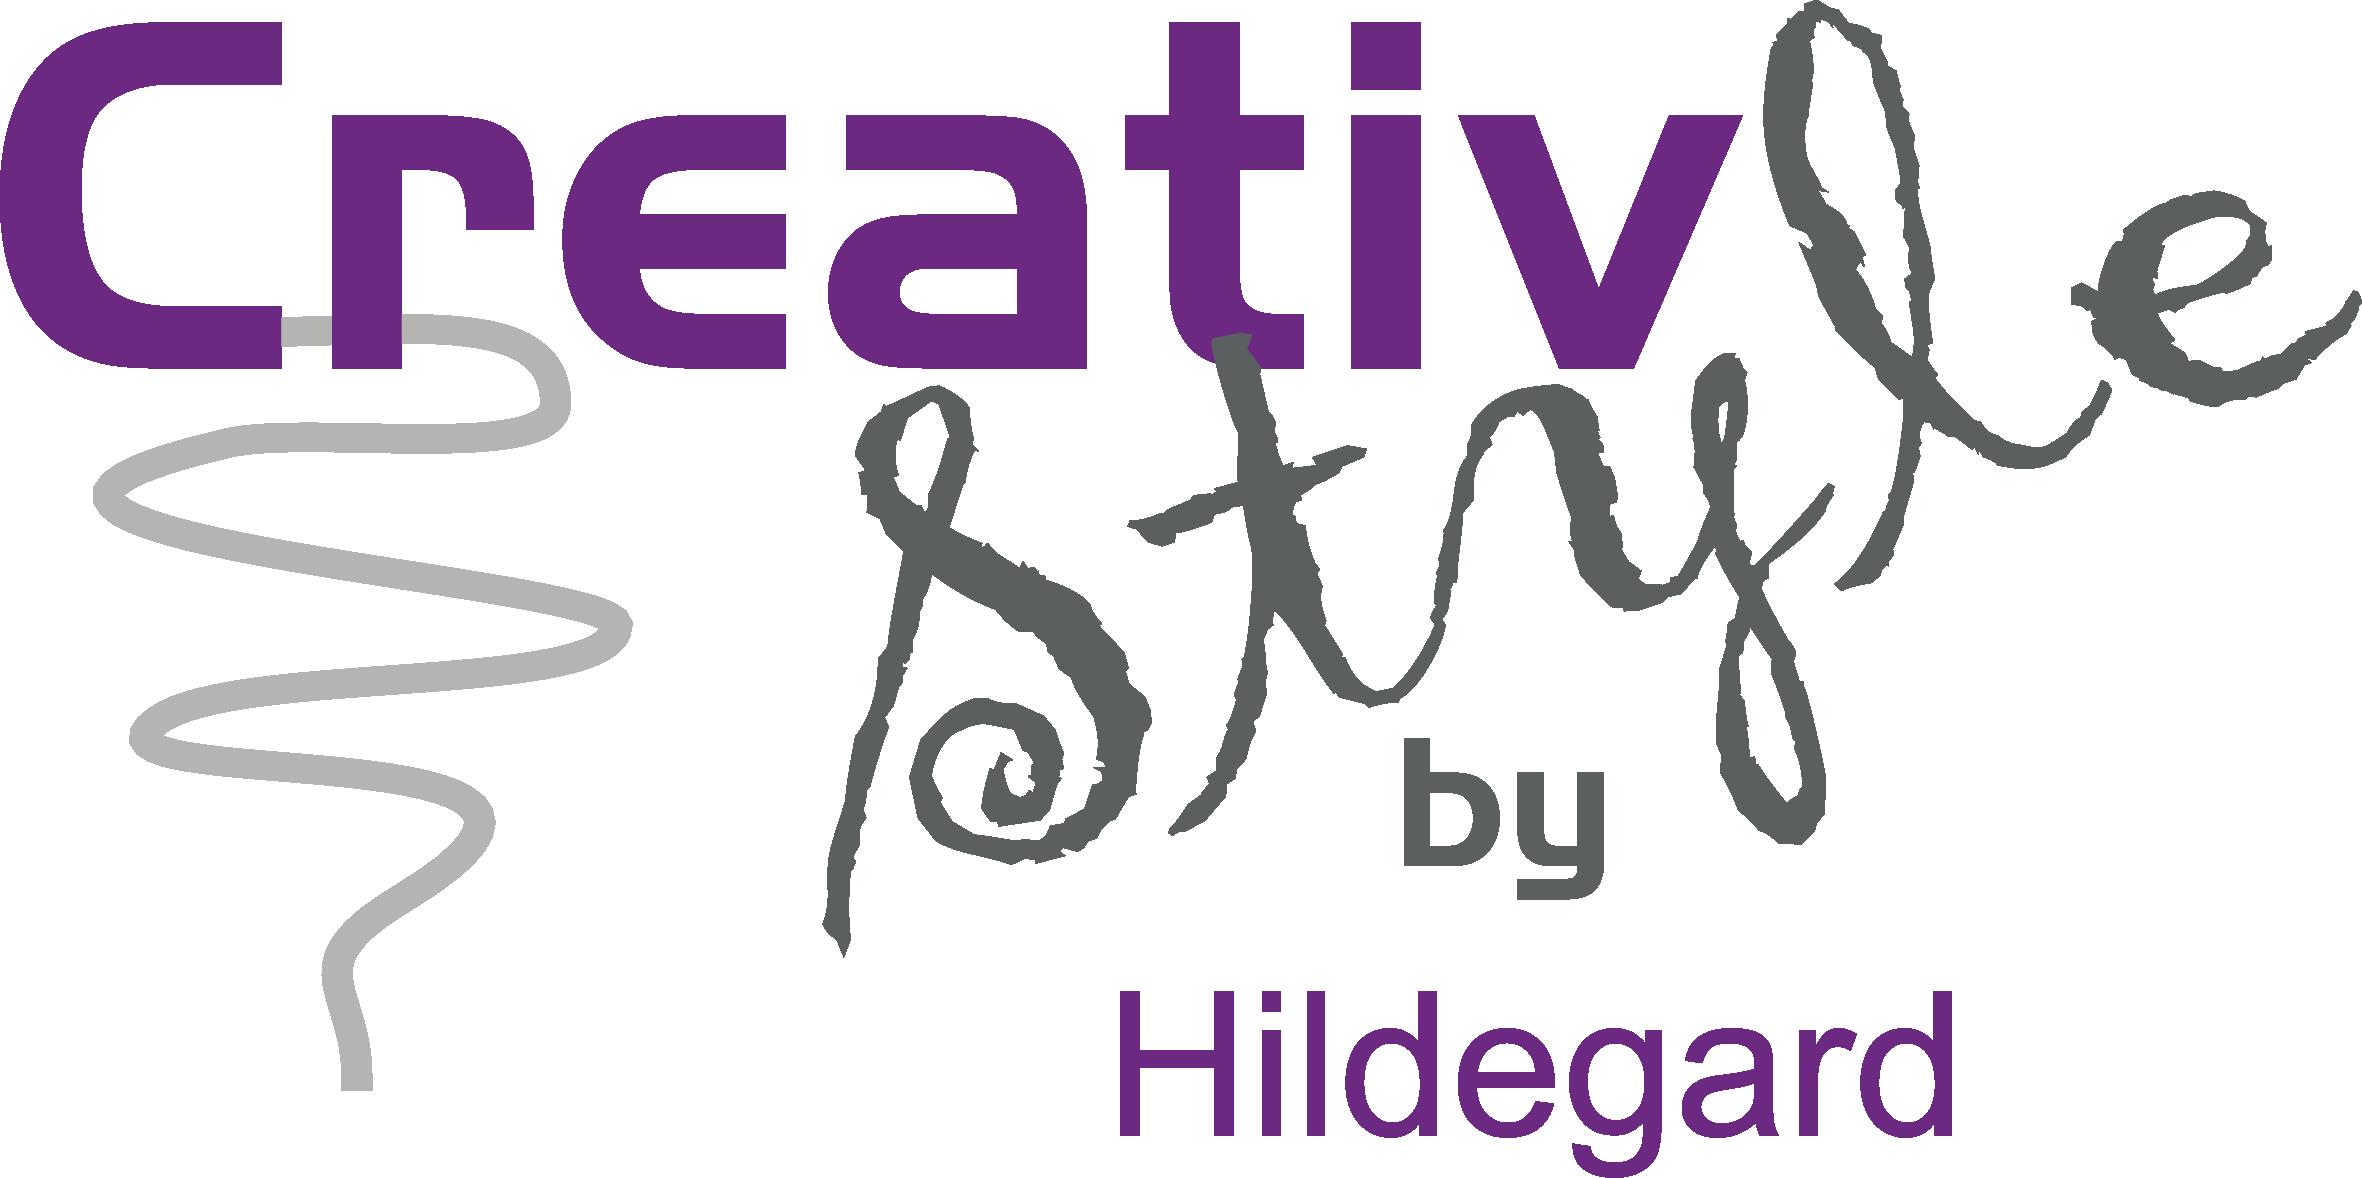 Creativ Style by Hildegard - Steegen | Hildegard Kaimberger,Meisterfriseurin & Visagistin,Kosmetik Gesichtspflege,Professionelles Make-up & Hair-styling,Herren Style,das perfektes Braut-styling-Steegen